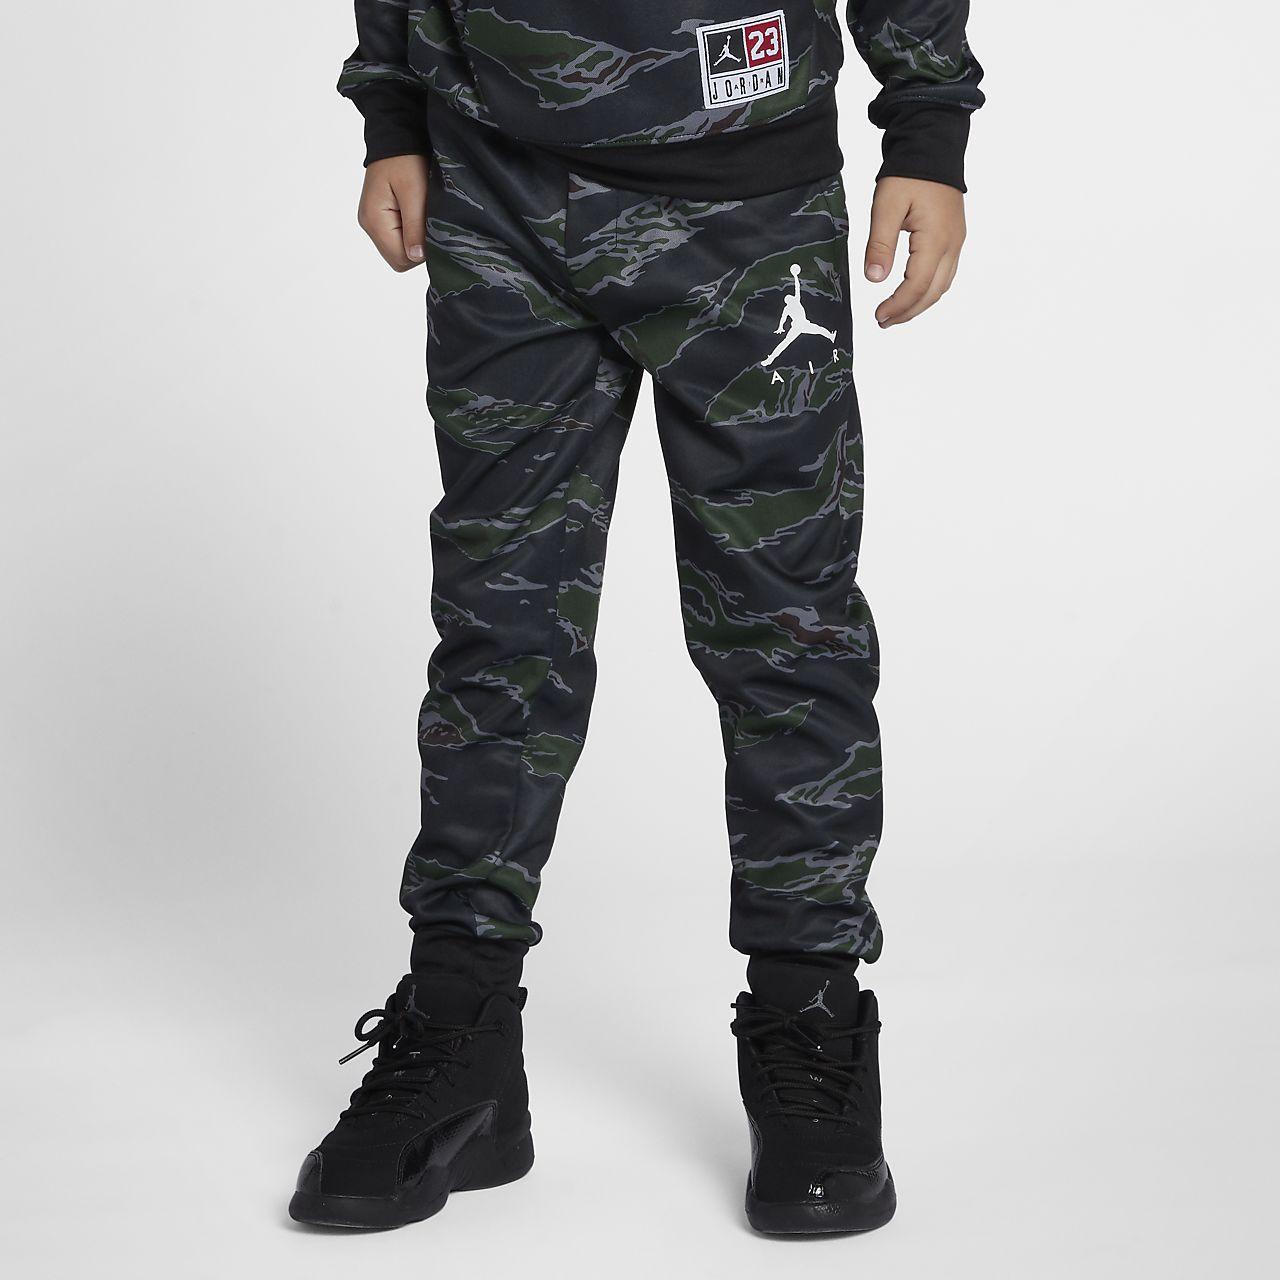 Pantaloni Jordan Jumpman - Bambini